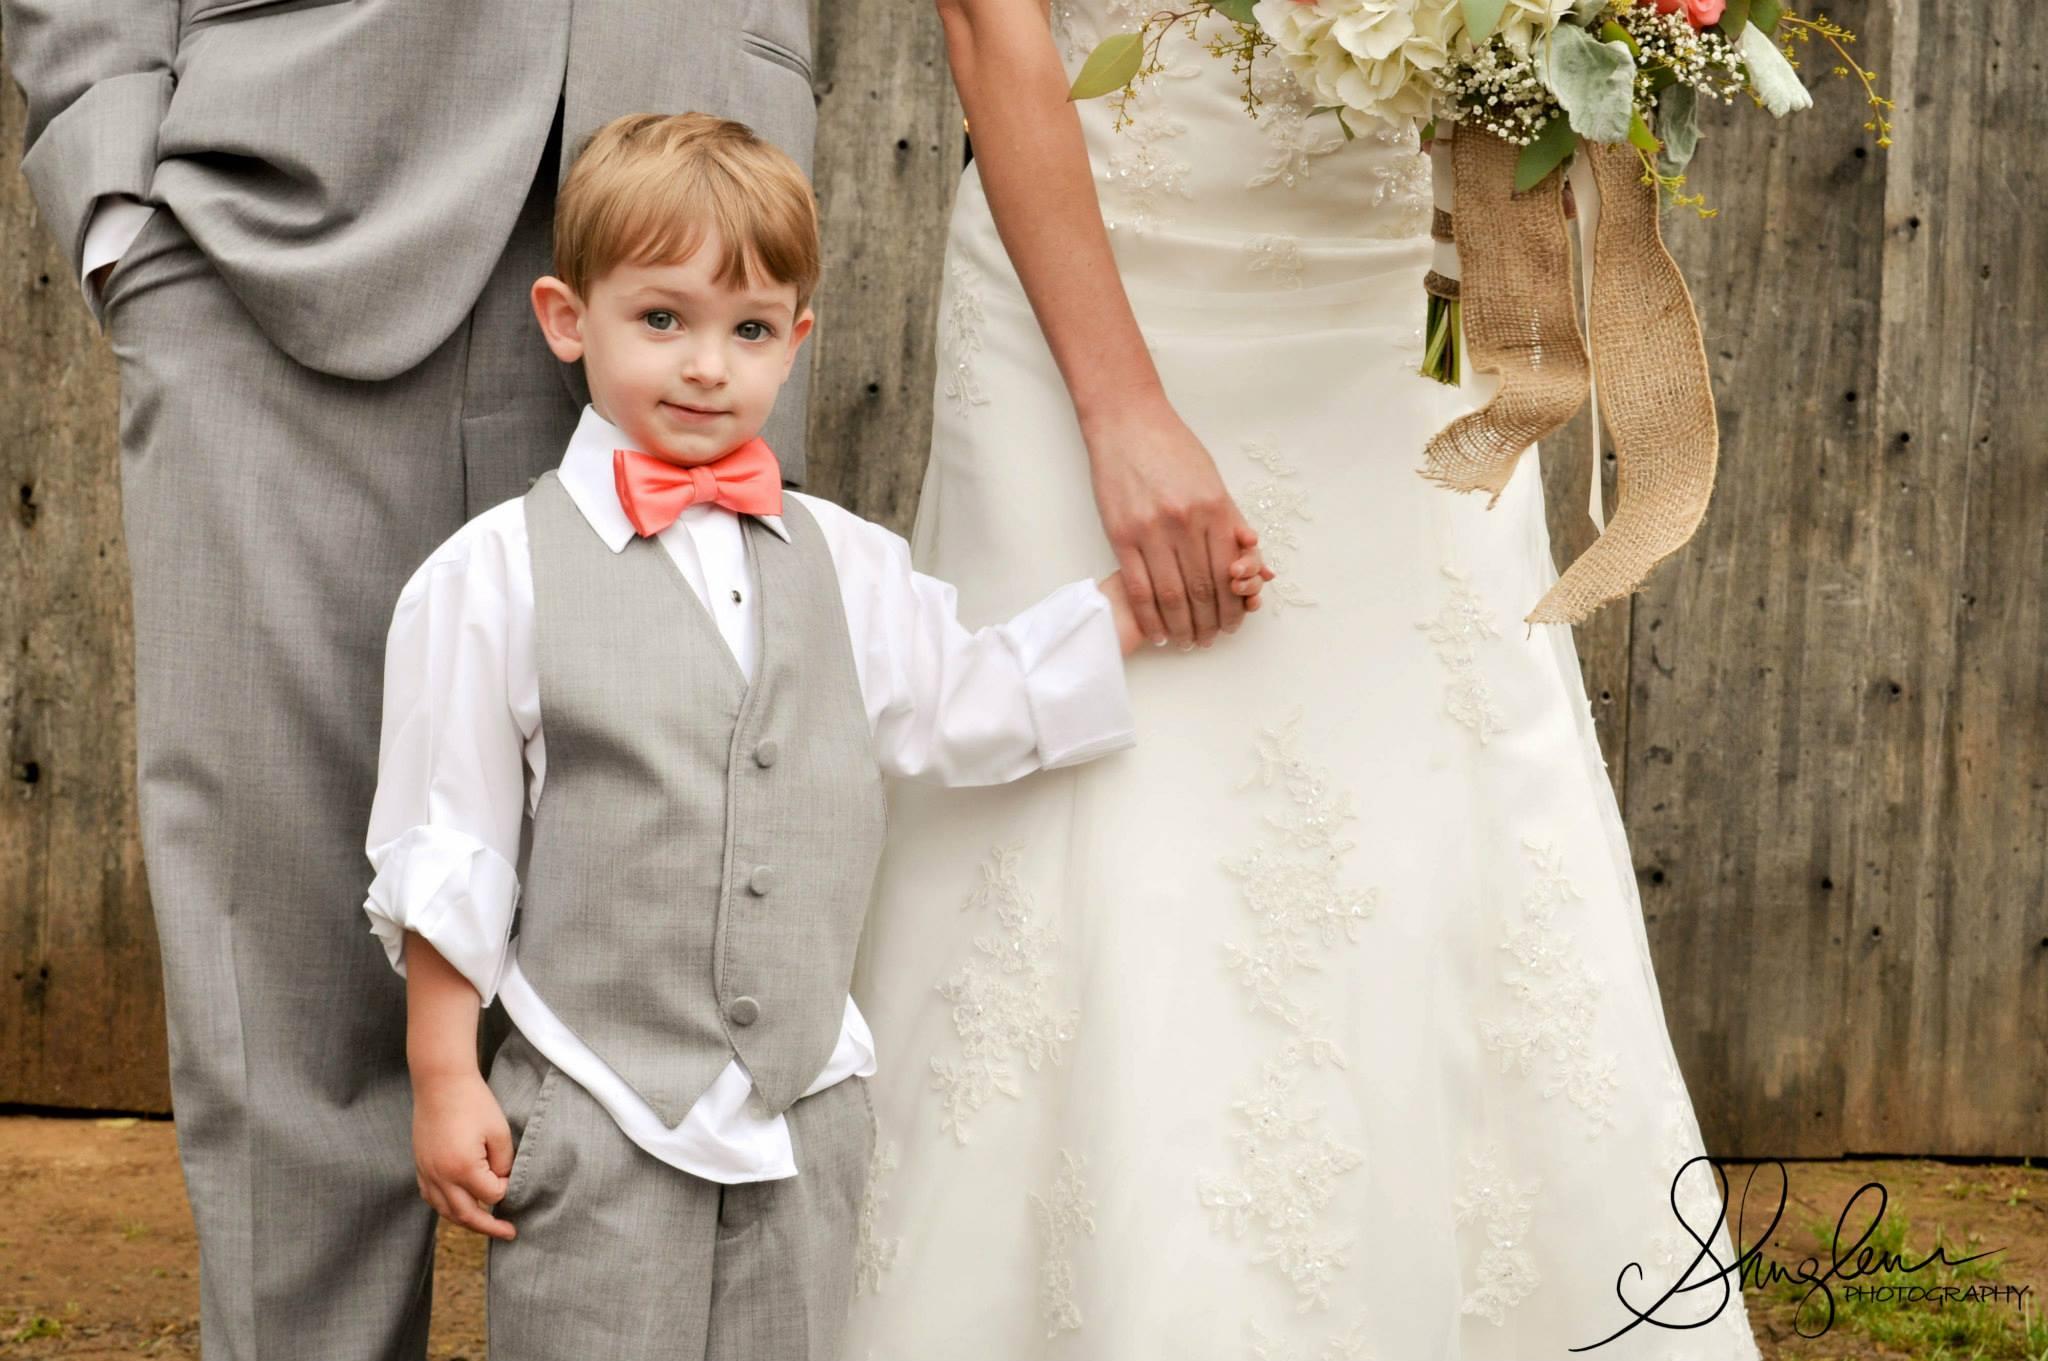 Shingleur Photography , from  Kimberly + Tony 's wedding at The Barn